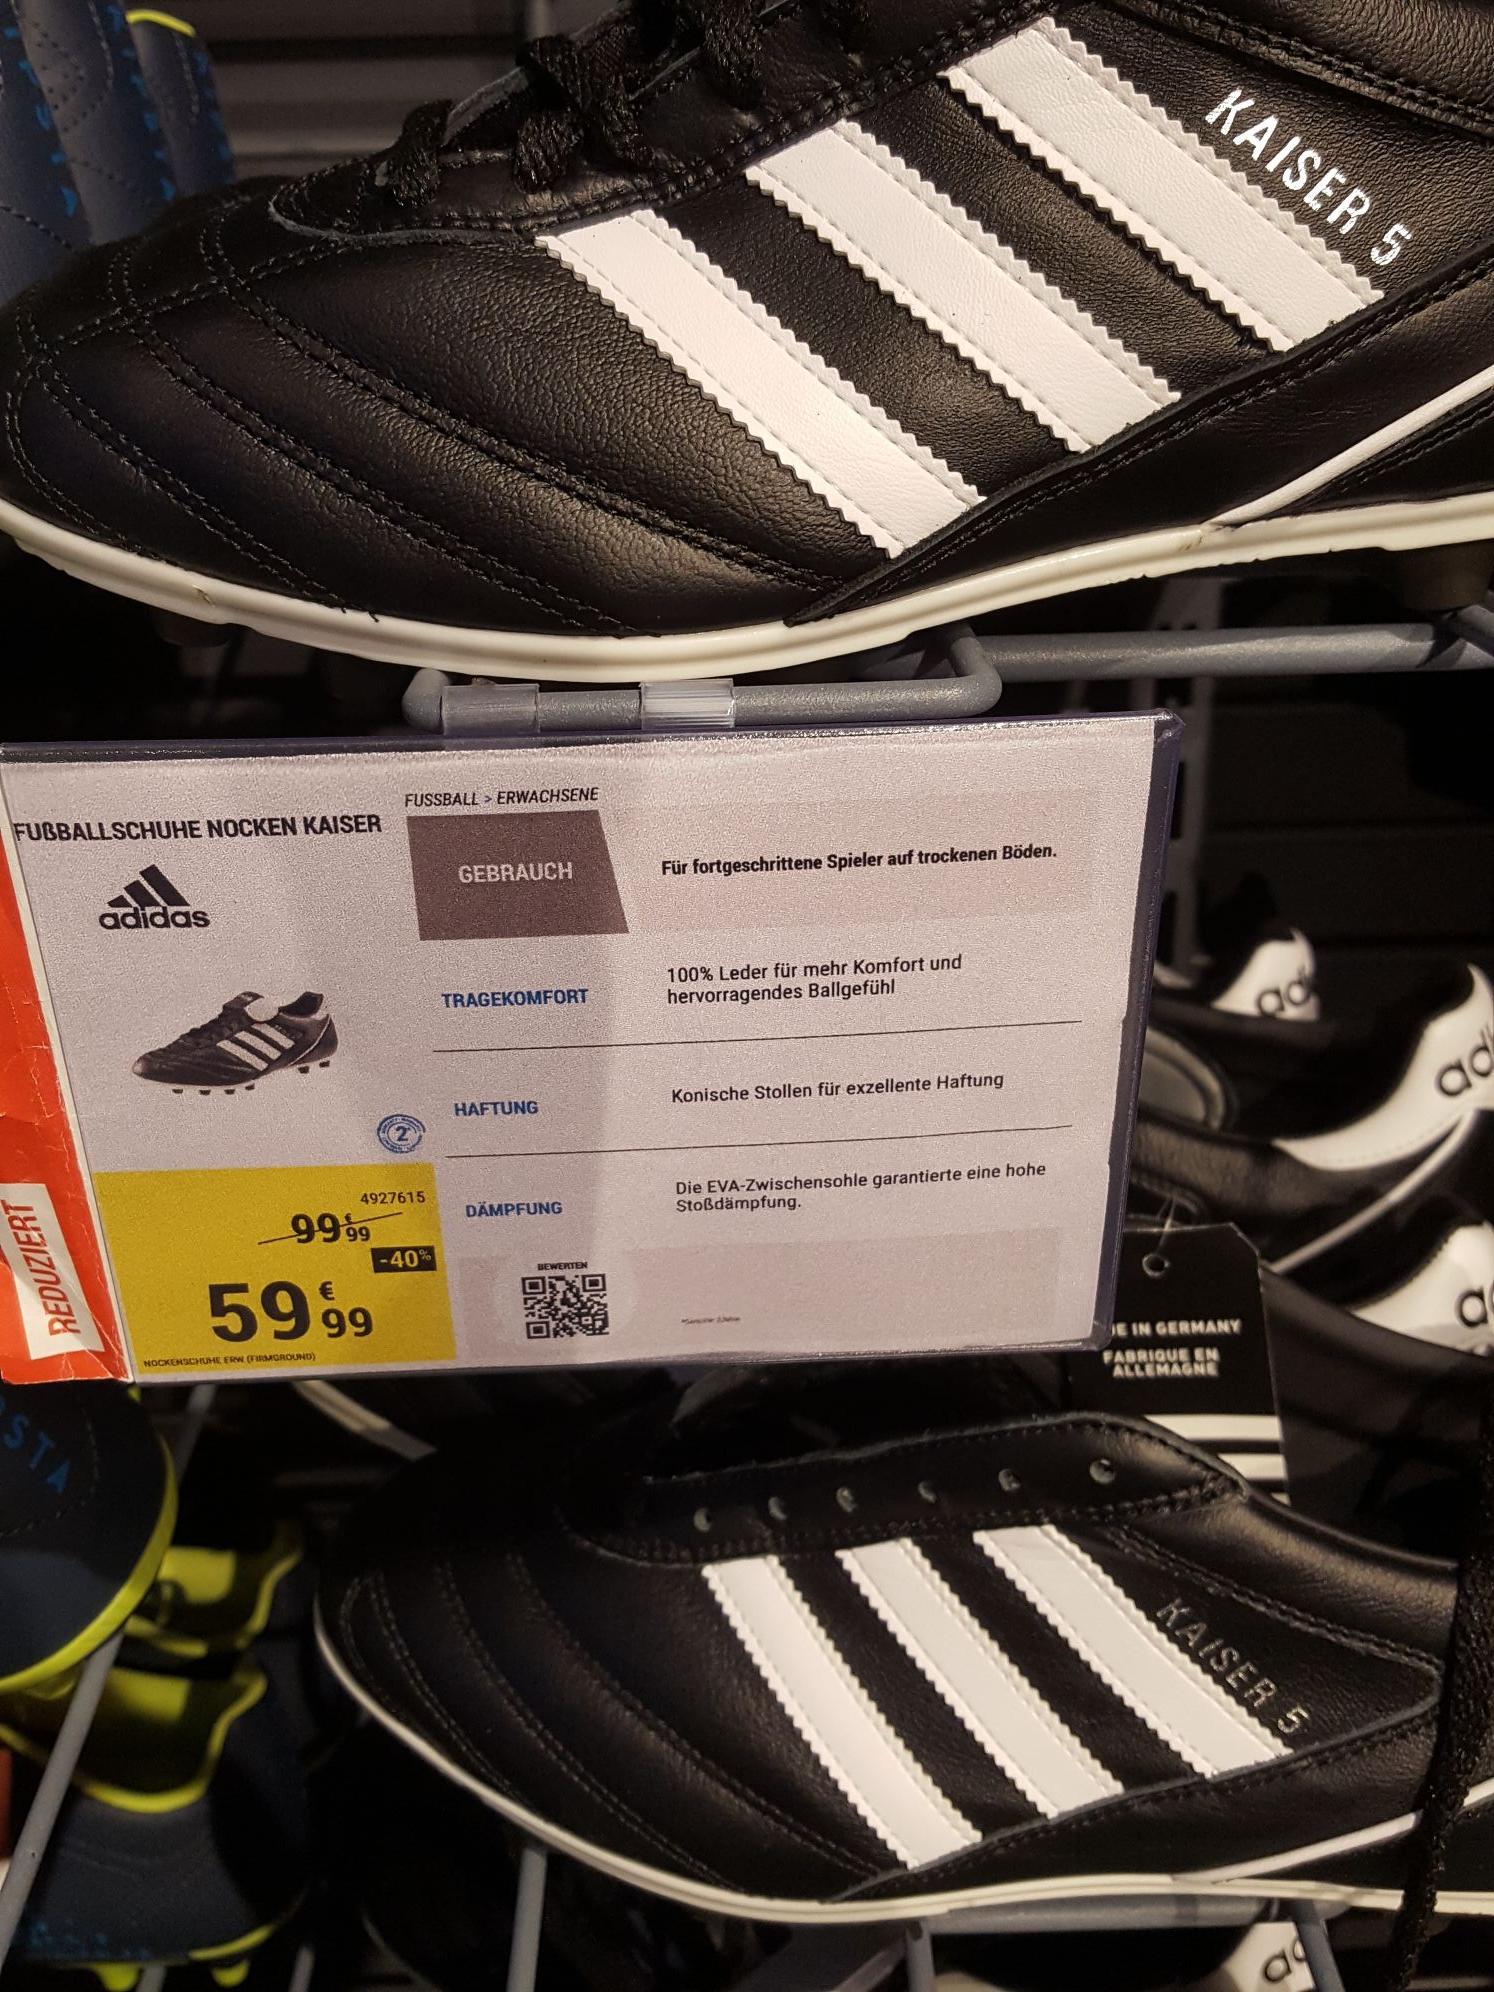 Kaiser 5 Adidas Fußballschuhe Decathlon